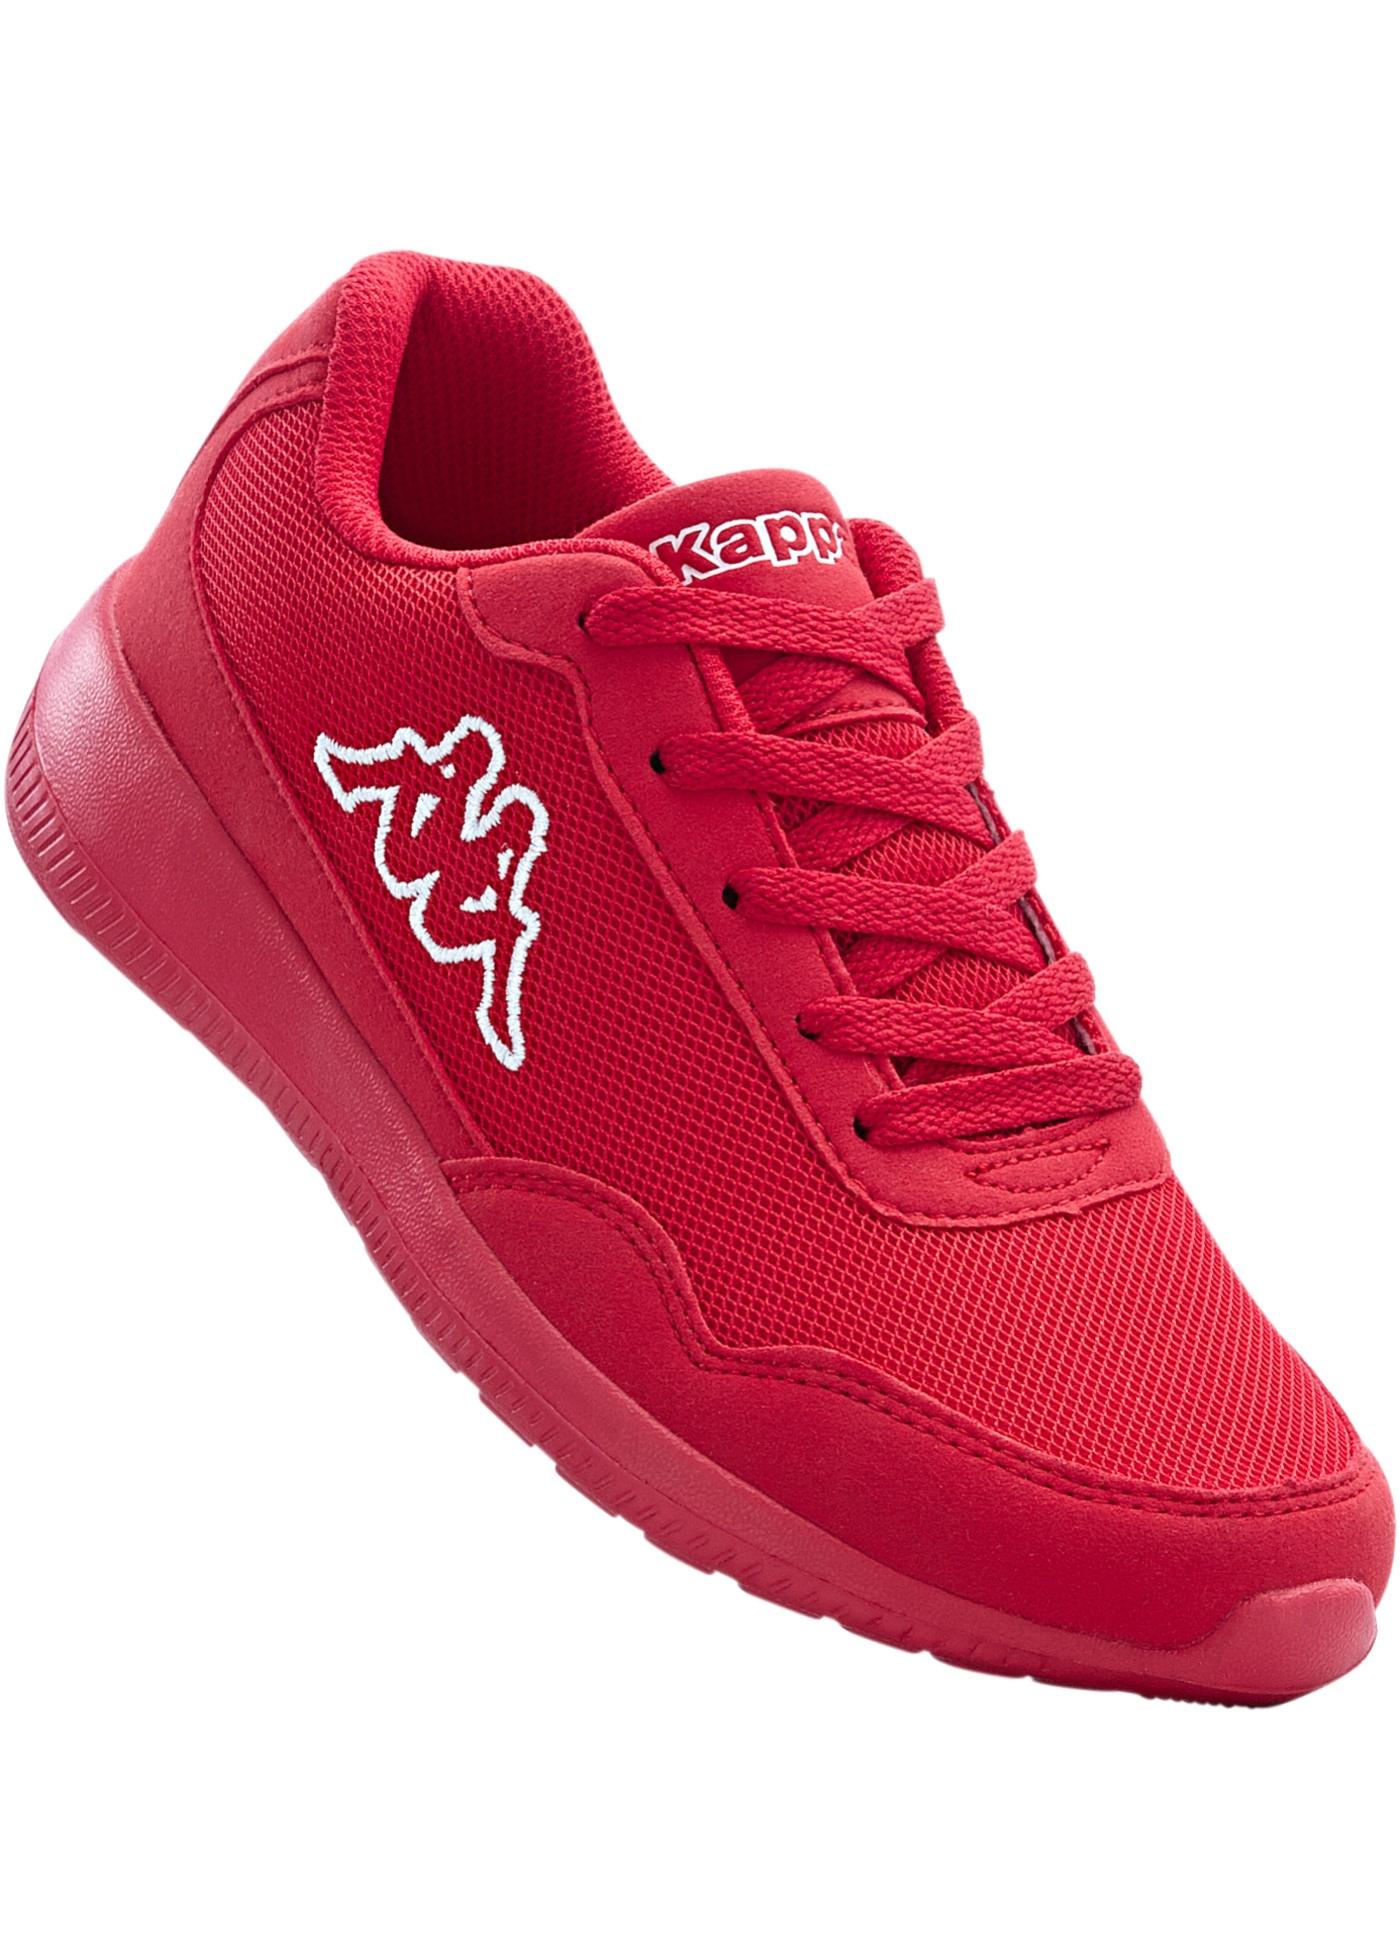 Sportovní obuv značky Kappa - Červená